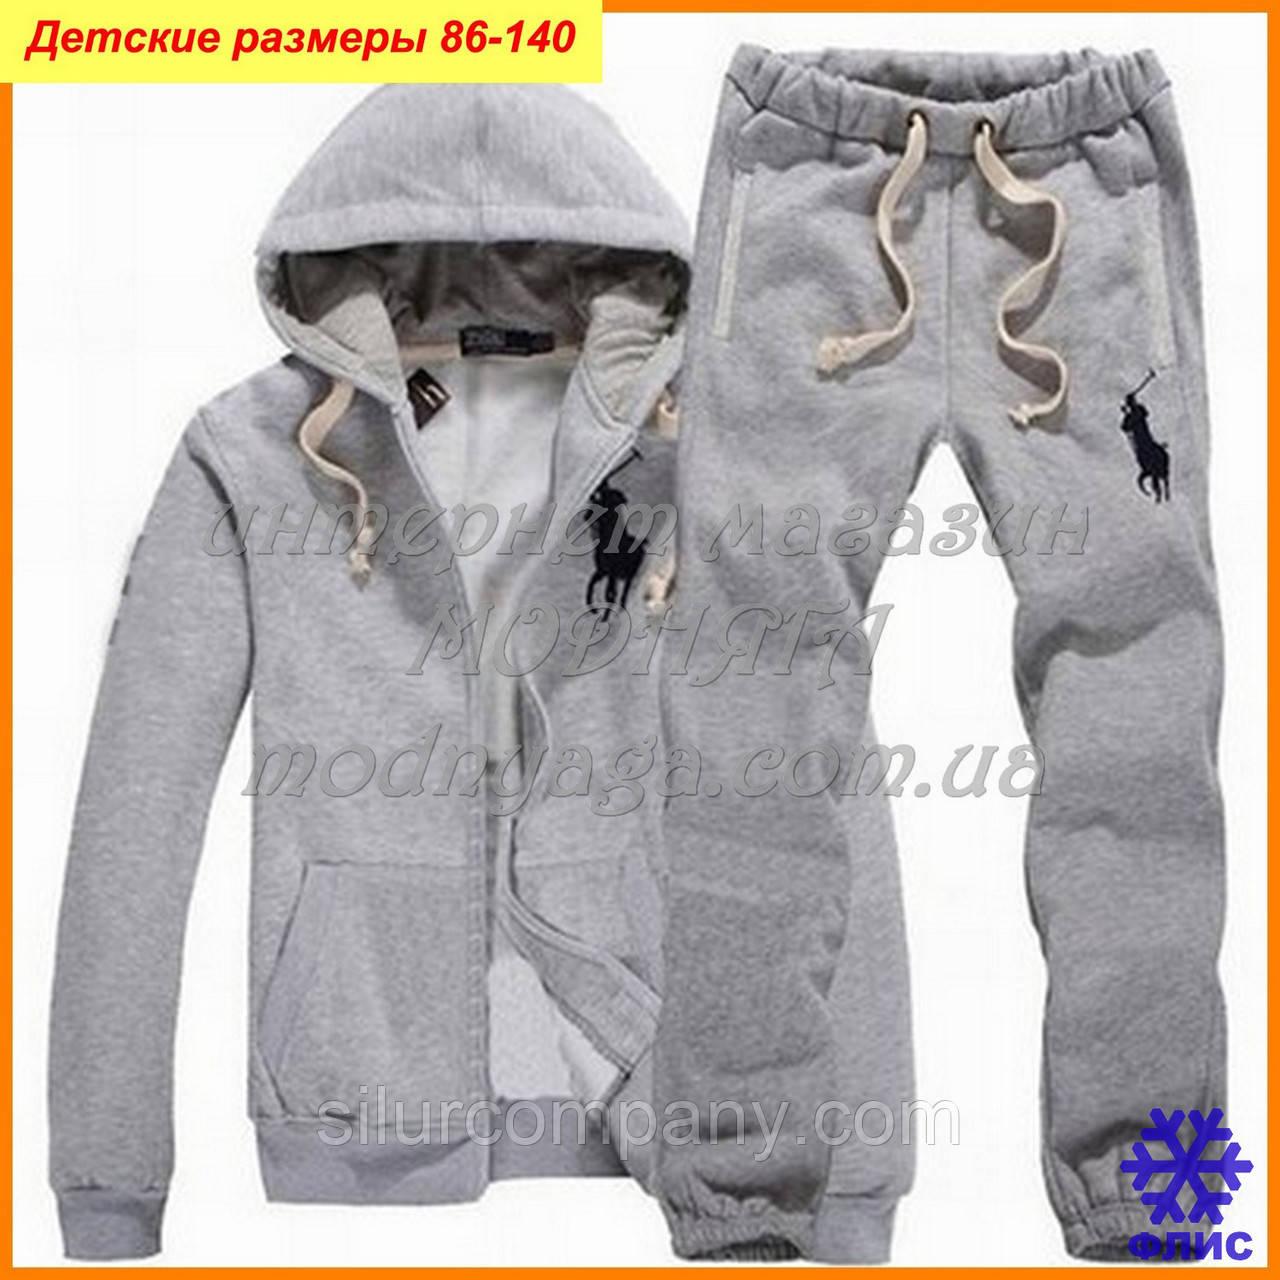 c5dbf8e9fde Утепленные Спортивные костюмы Polo - детские размеры - Интернет магазин